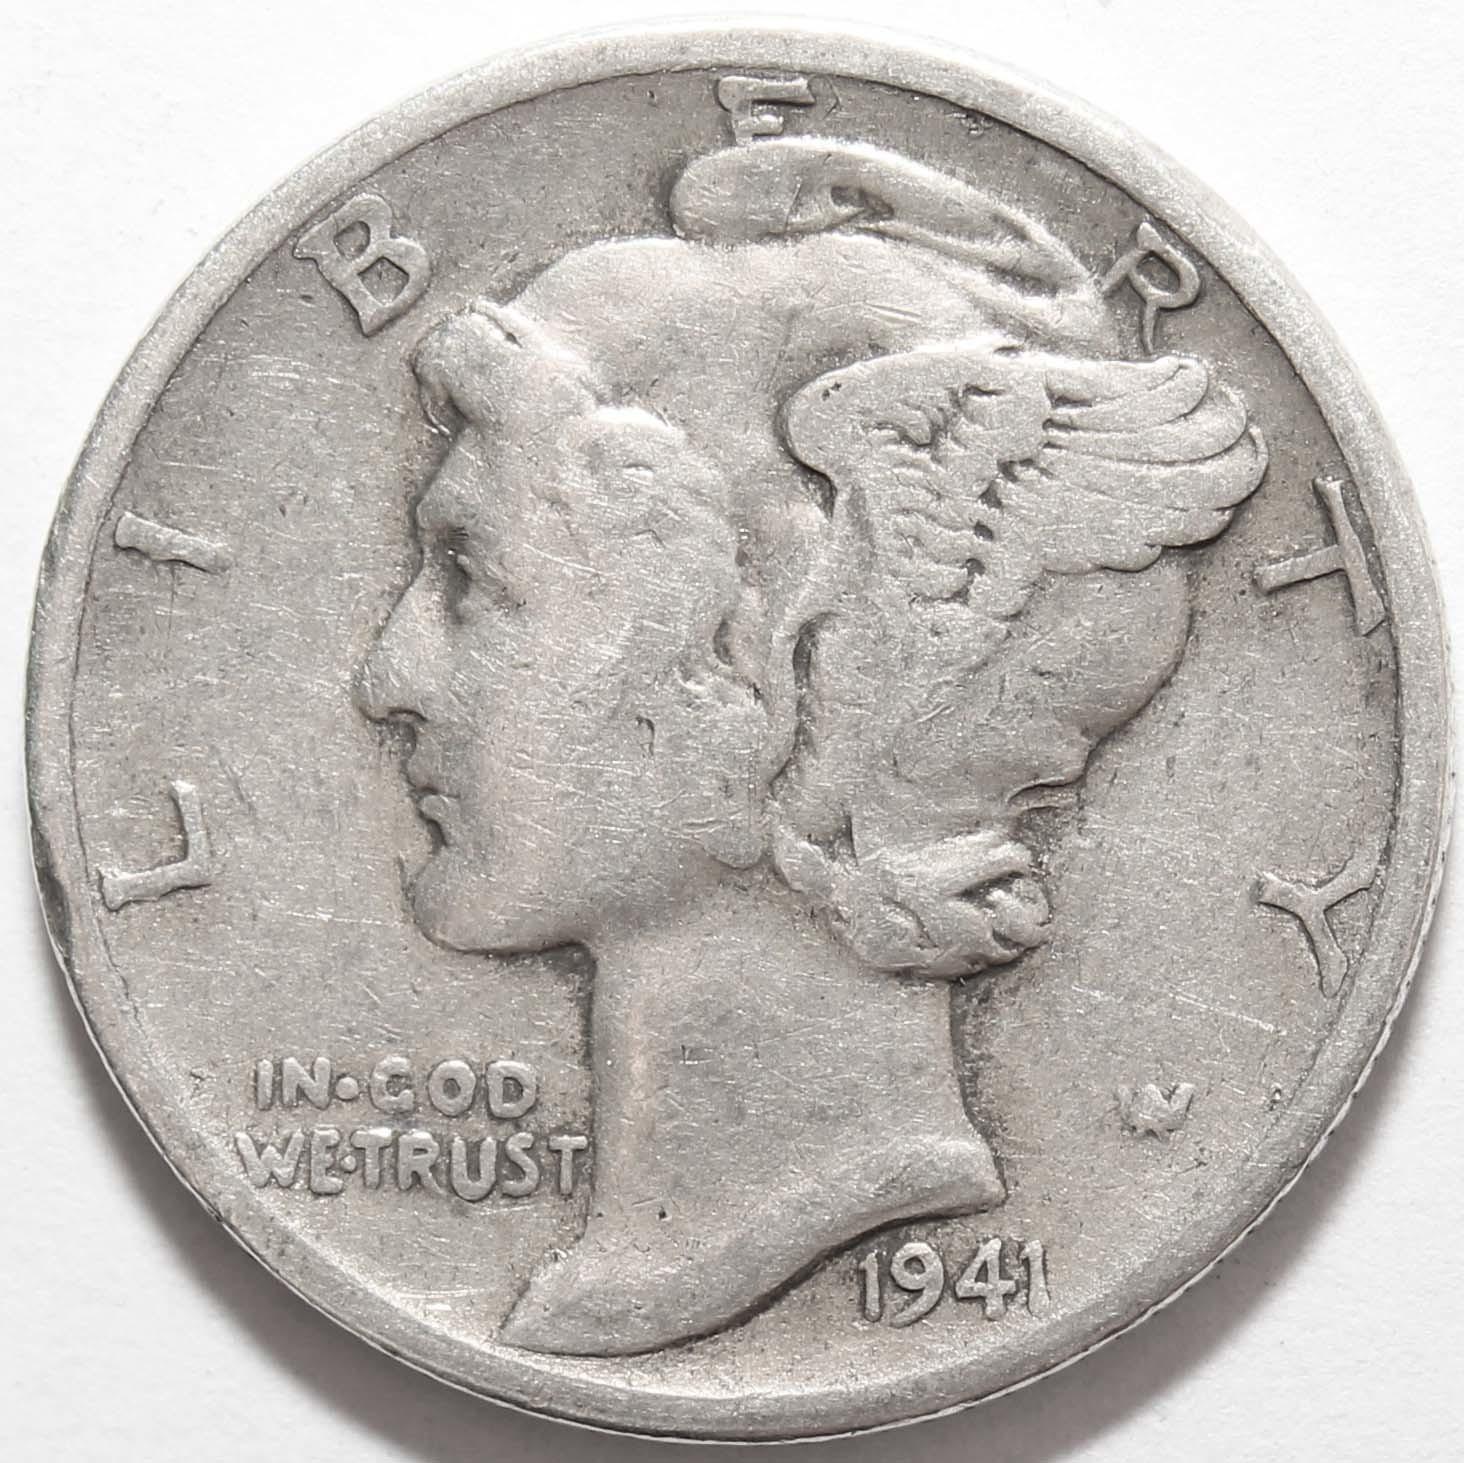 1 дайм (10 центов) 1941. США VF- (Меркурий) Серебро